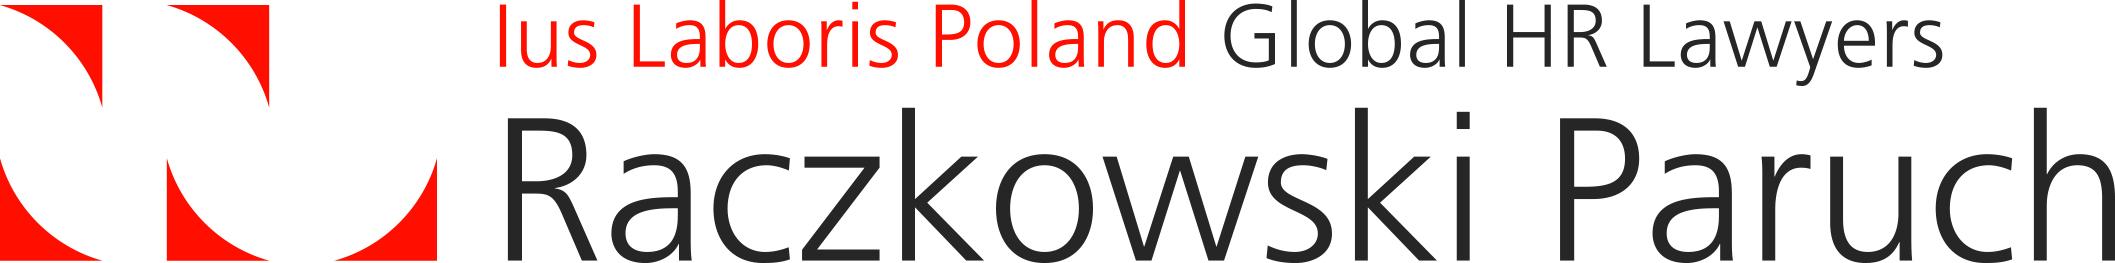 Kancelaria Raczkowski Paruch